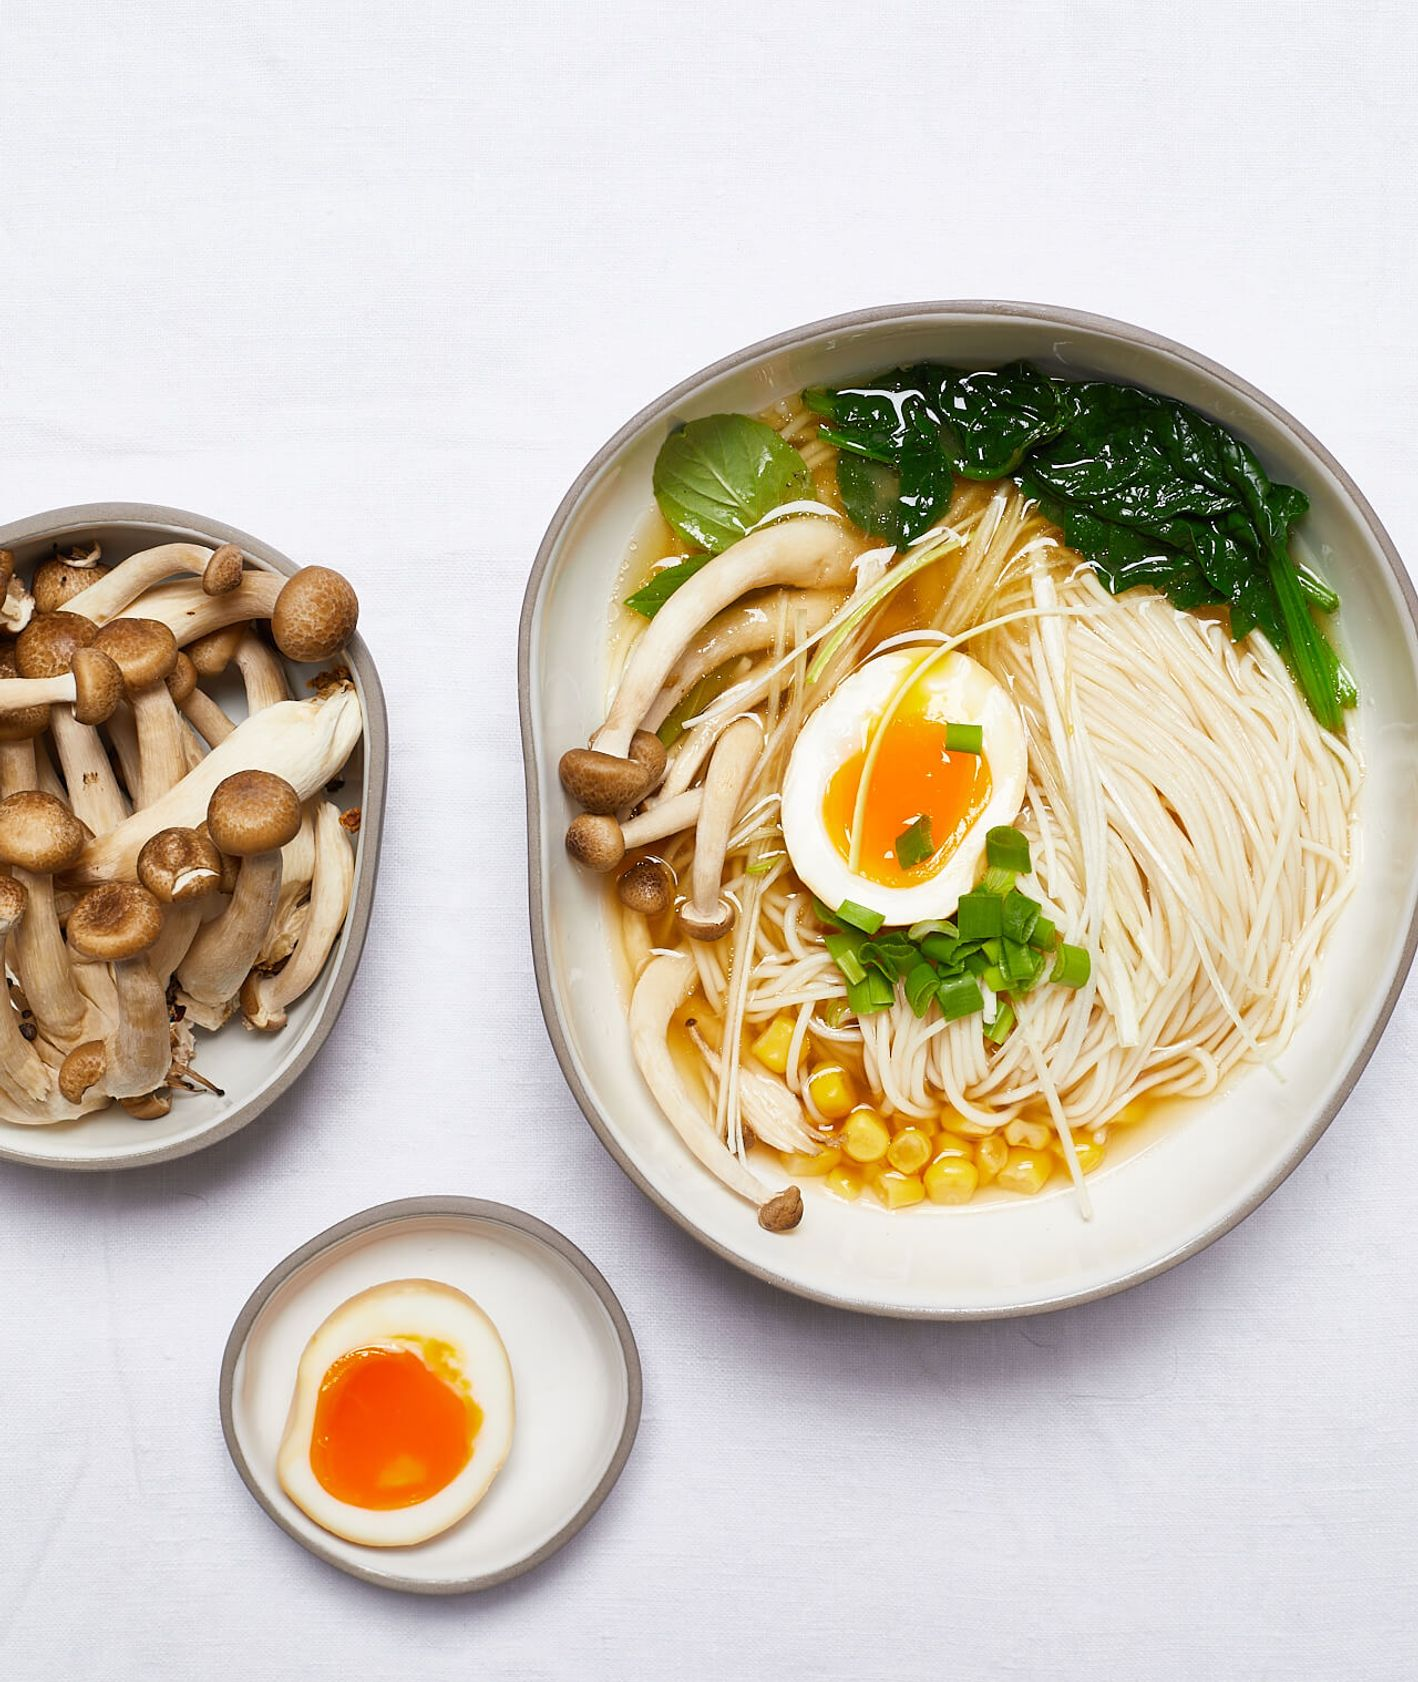 wegetariański ramen, ramen warzwny, ramen bezmięsny, ramen bez mięsa, grzyby shimeji, rozgrzewająca zupa, rozgrzewający ramen, ramen, kuchnia japońska, domowy ramen